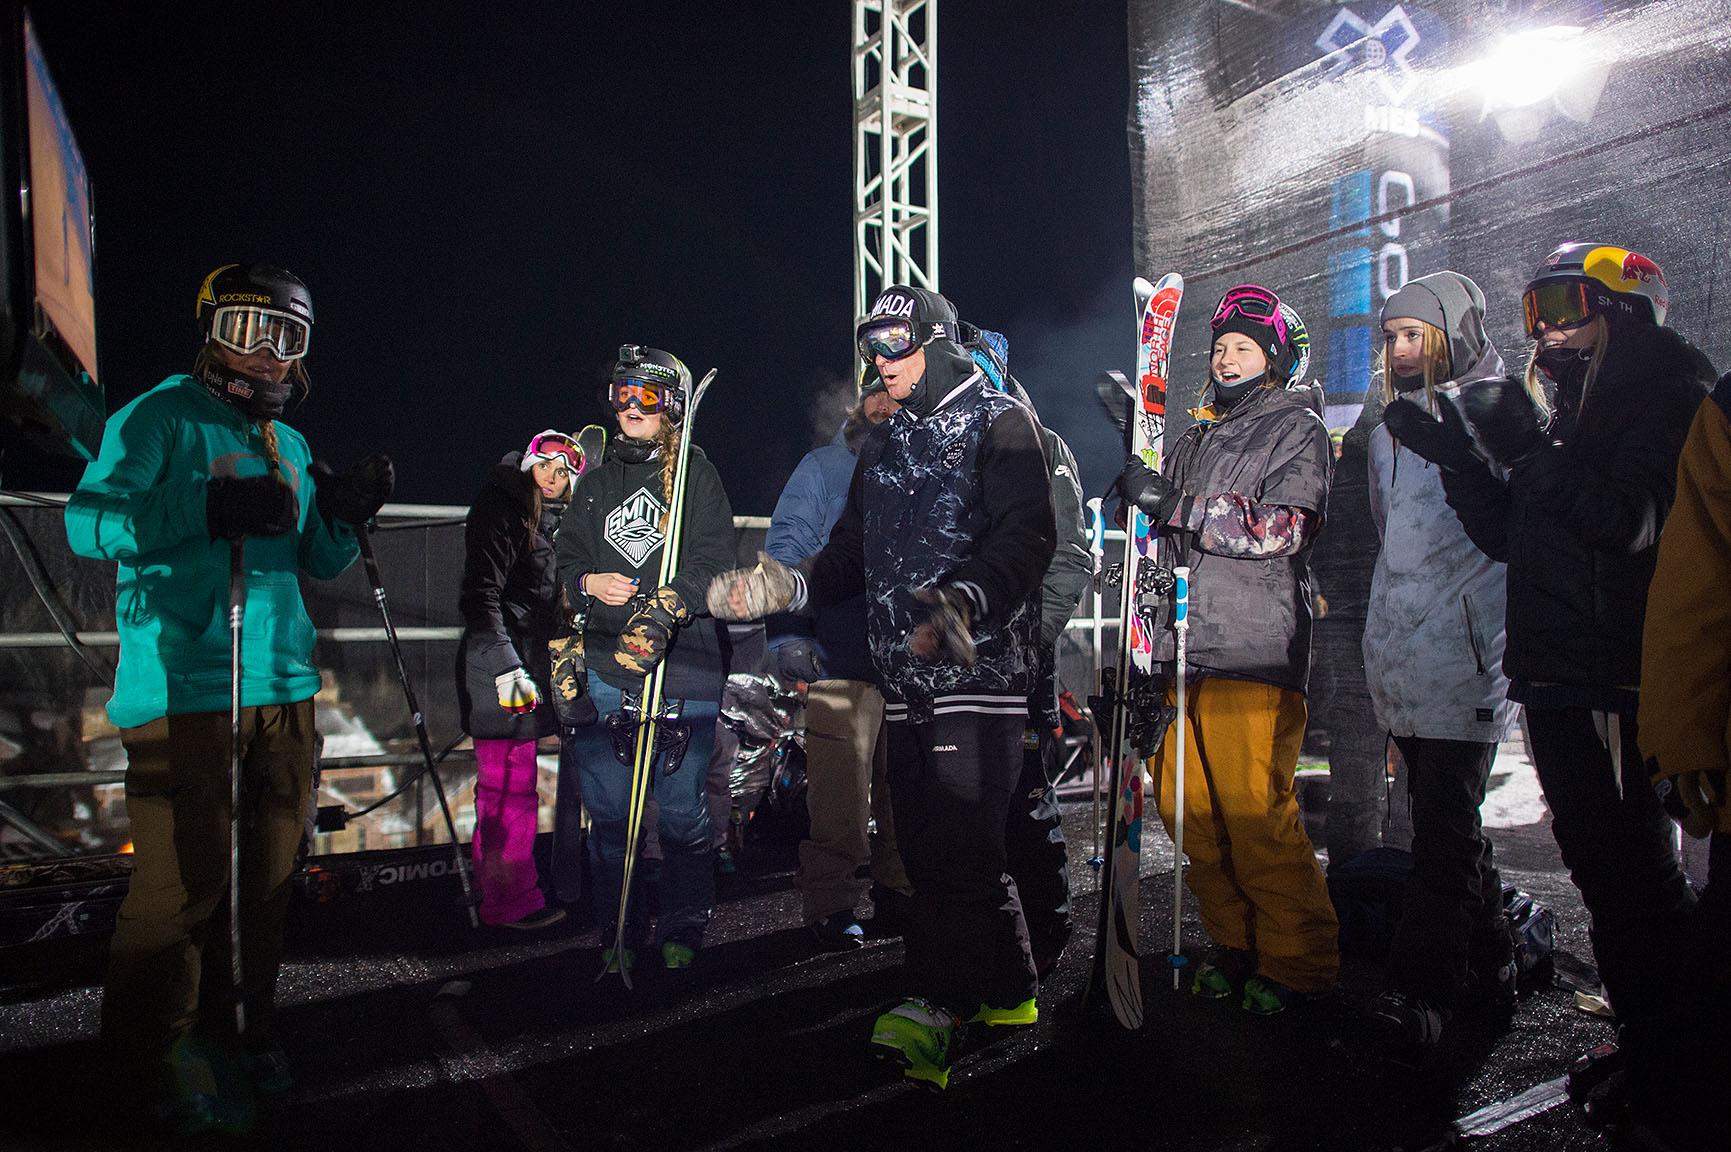 Women's Ski Big Air